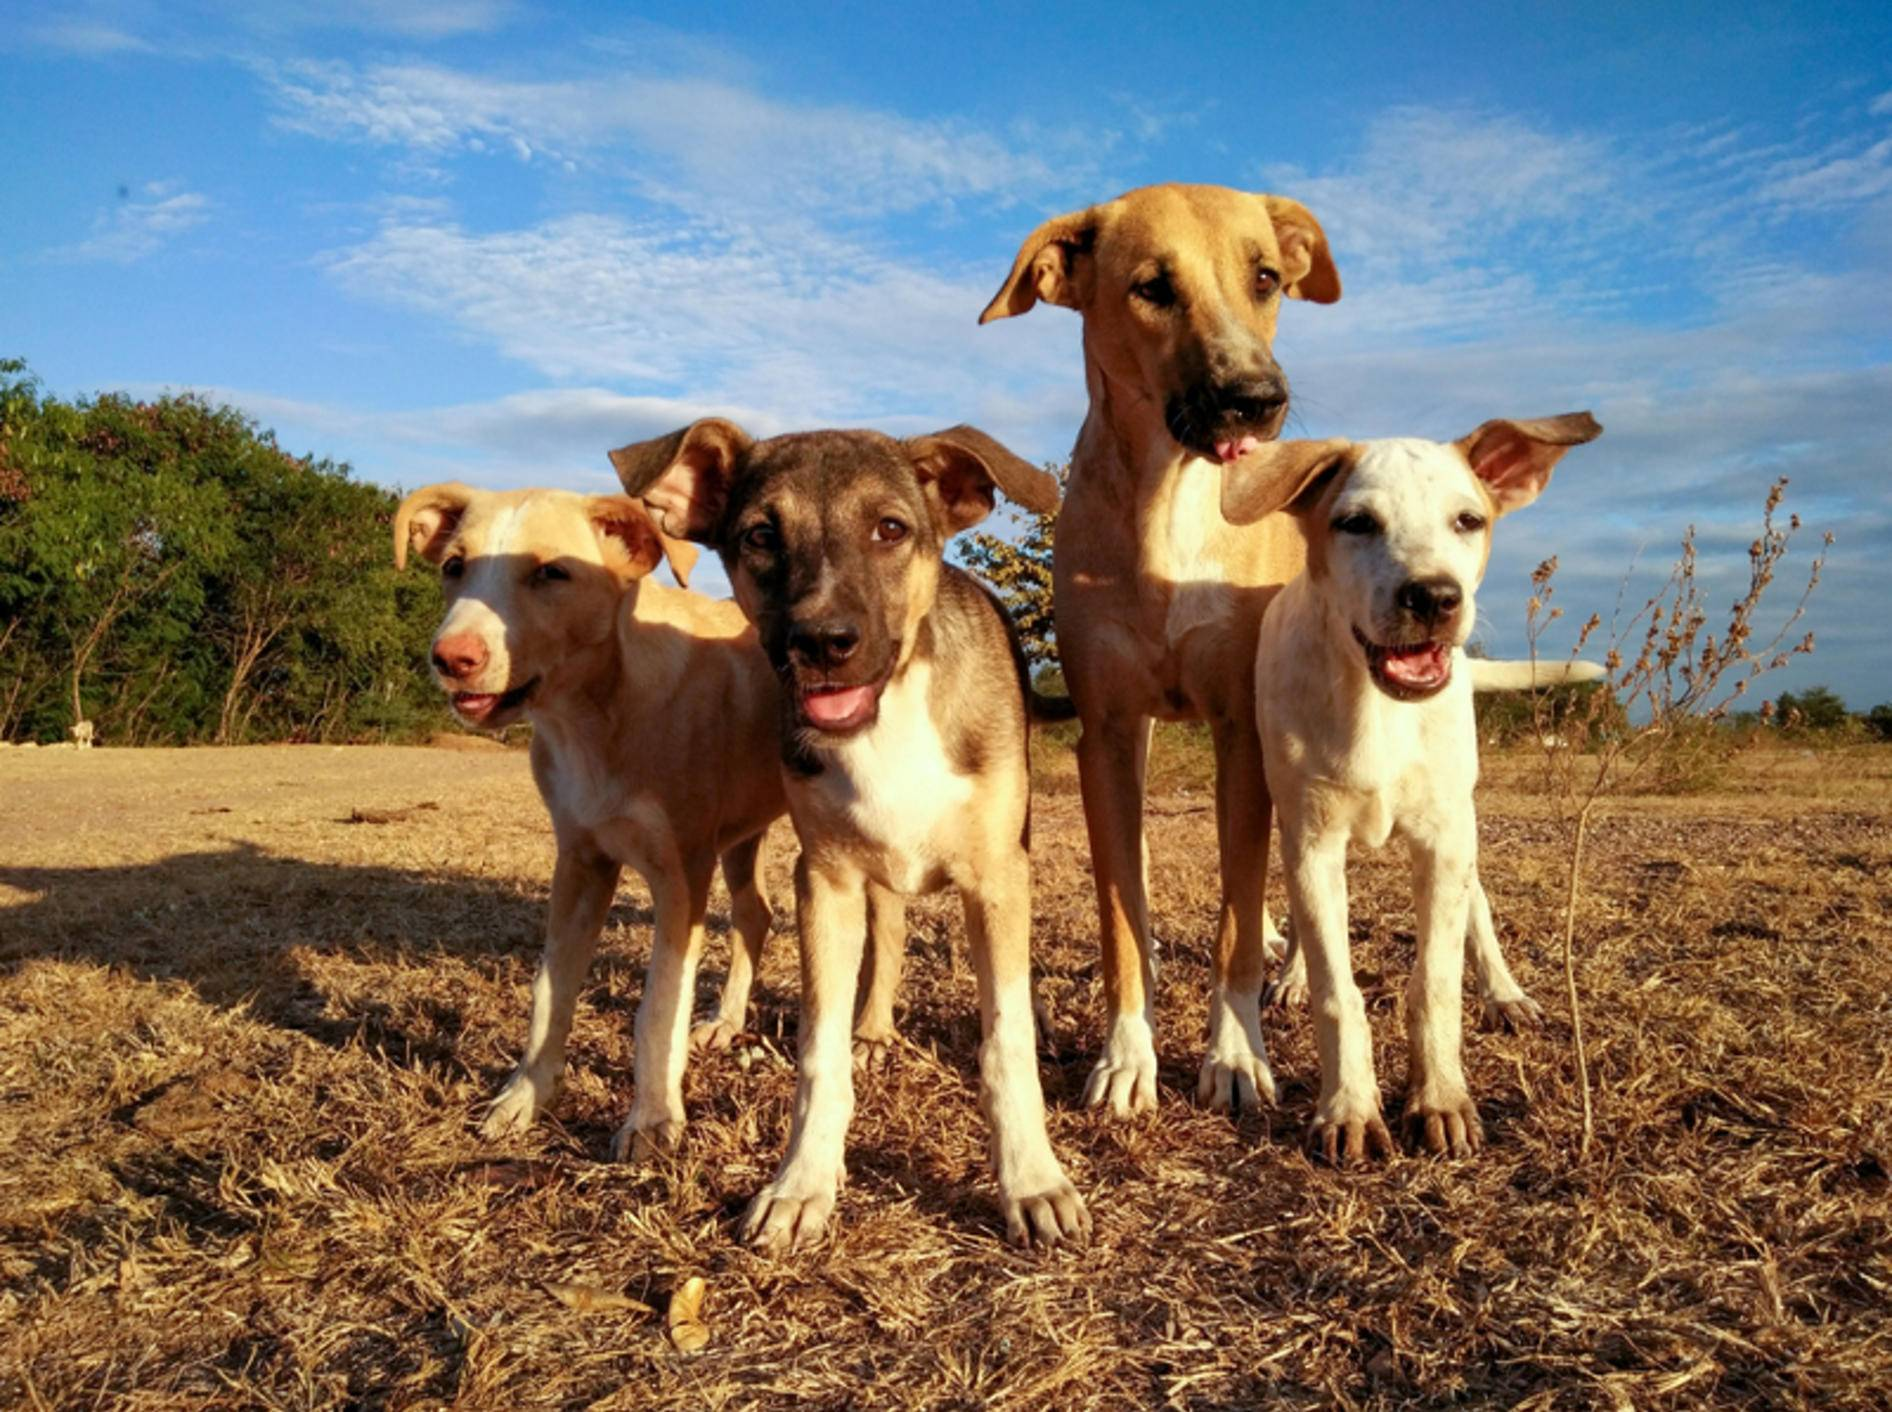 Wenn Hunde im Hunderudel unterwegs sind, ist die Hierarchie klar geregelt – chanyut Sribua rawd / Shutterstock